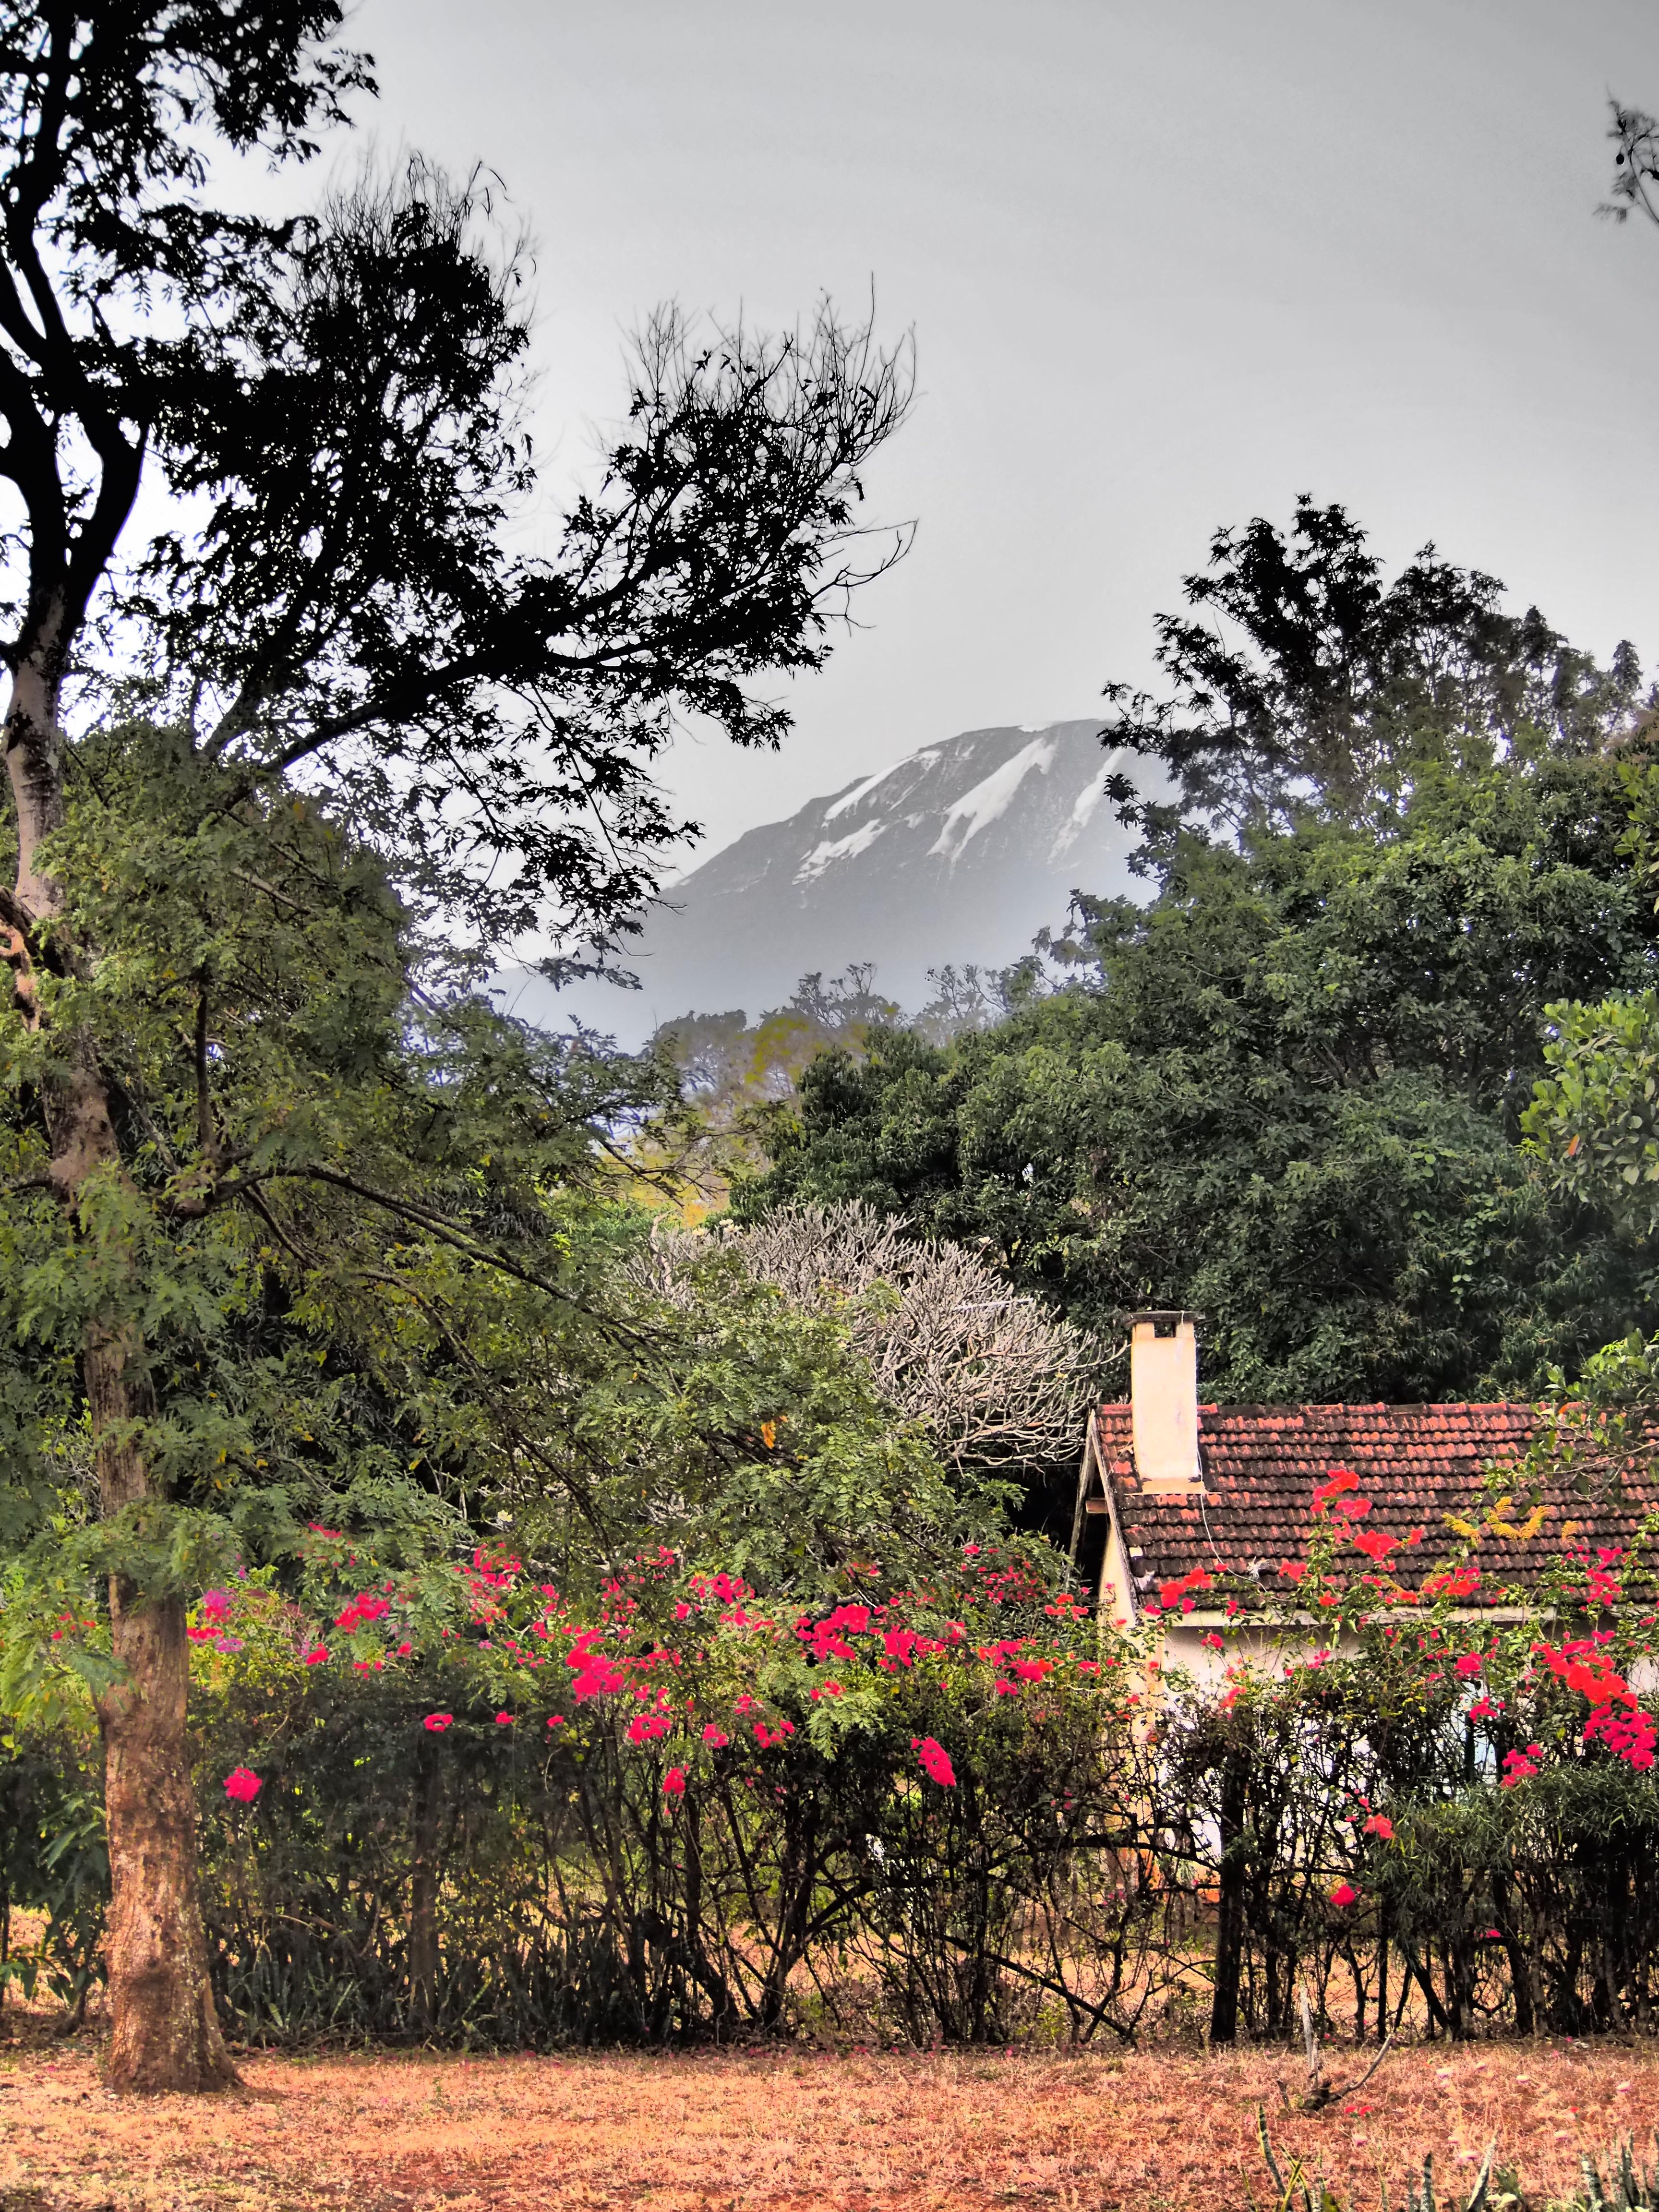 Takapihalta aukee melkosen komee näky, Kilimanjaro